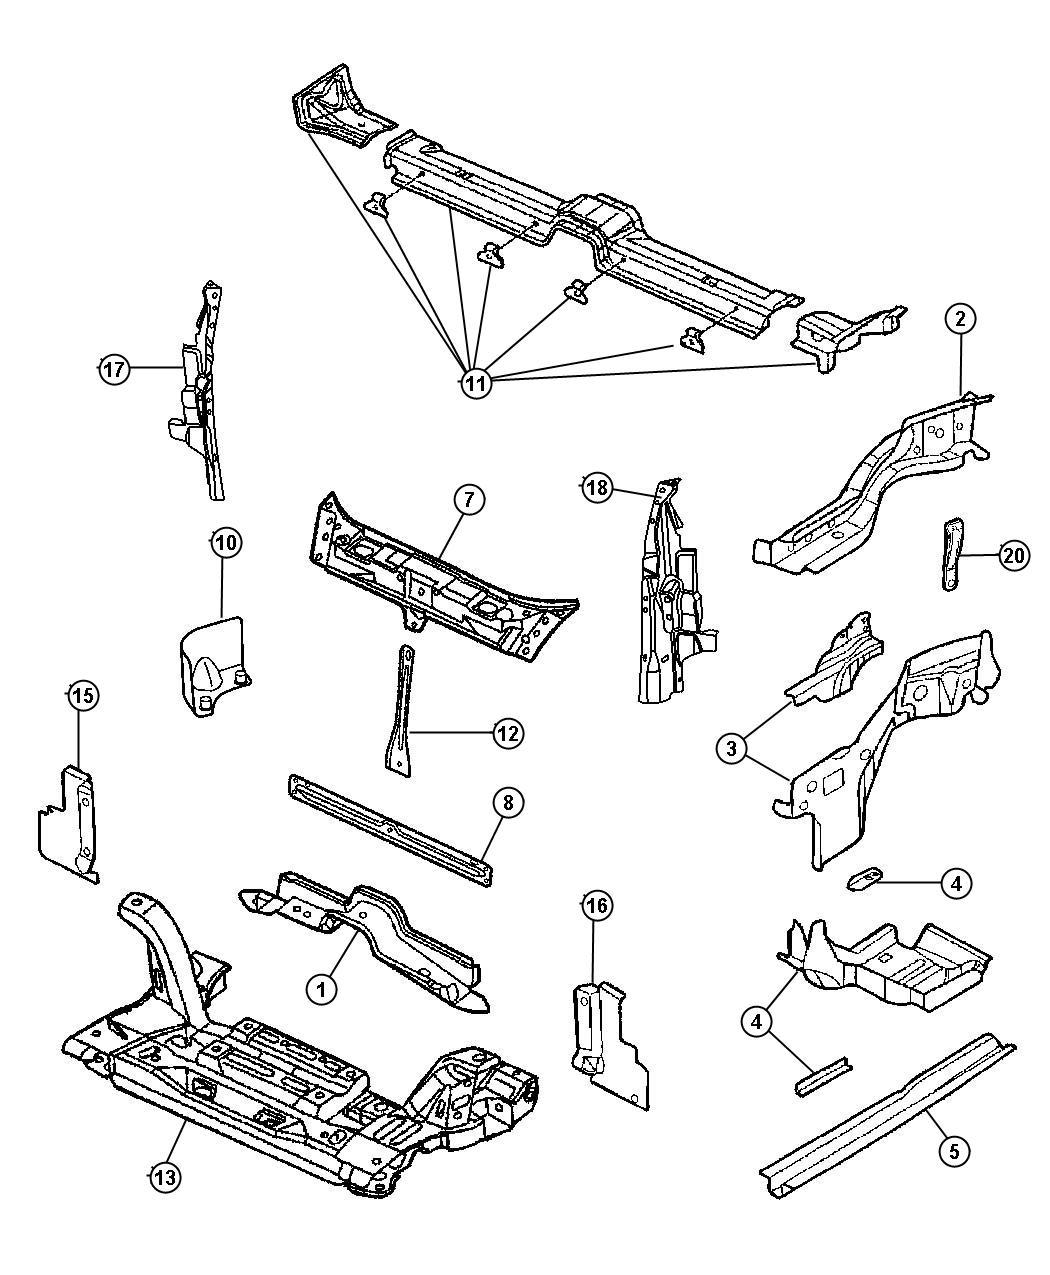 Chrysler Pt Cruiser Strut. Front suspension. Crossmember